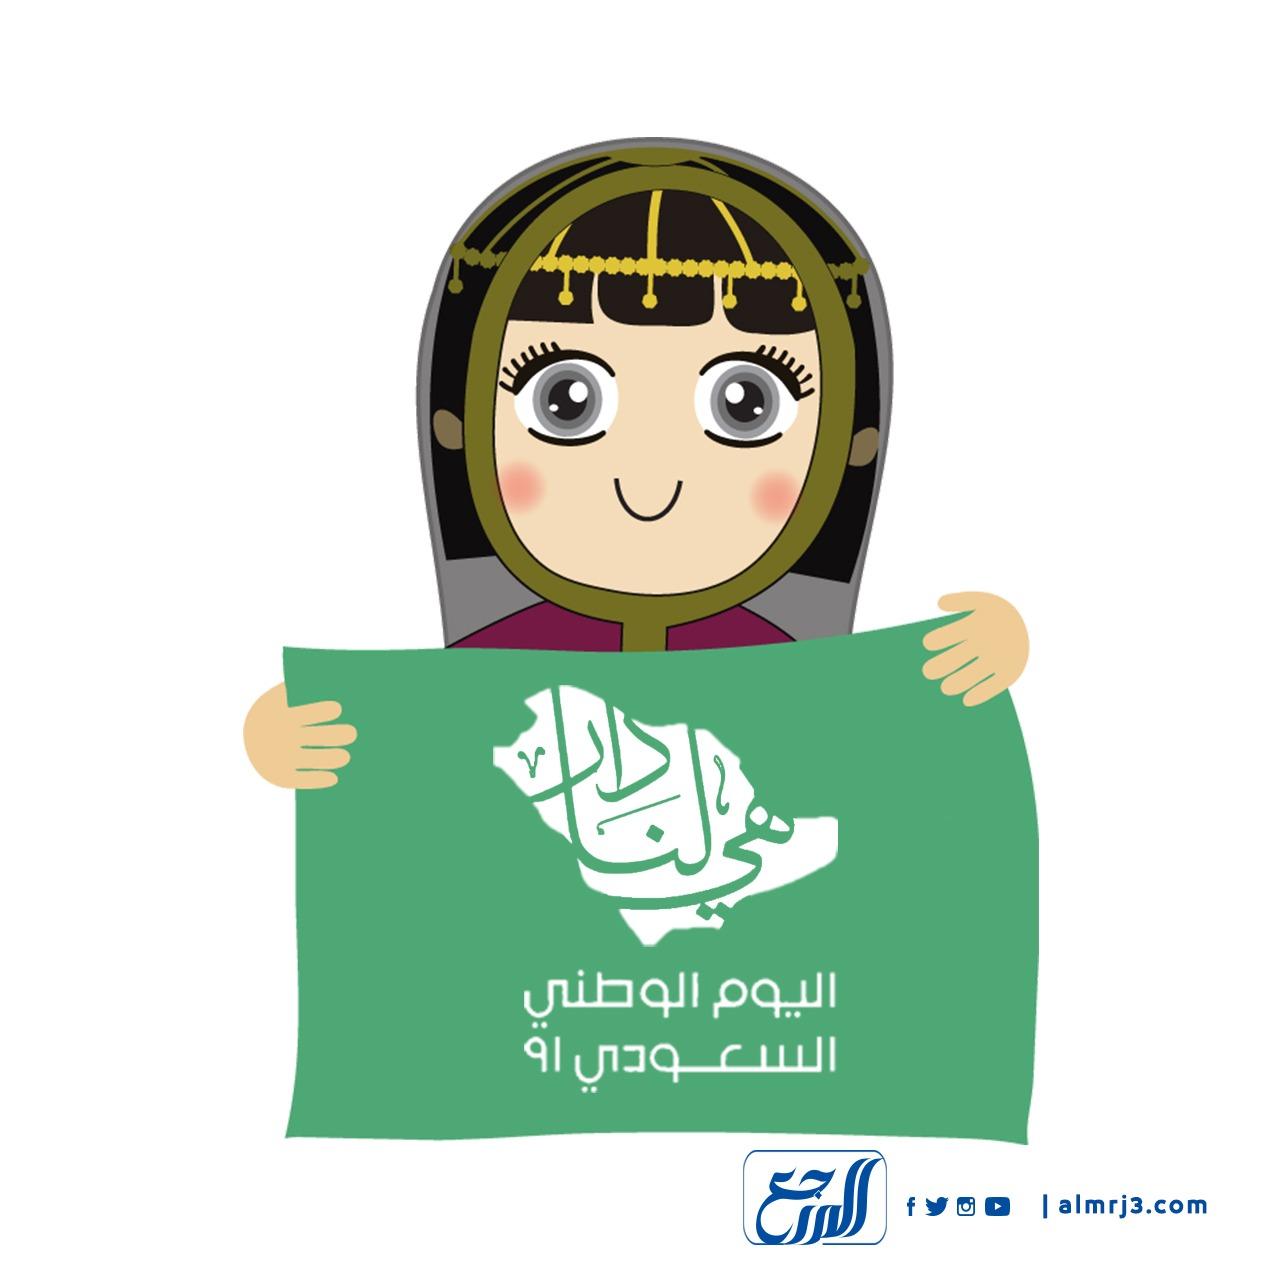 عن اليوم الوطني السعودي 91 للاطفال